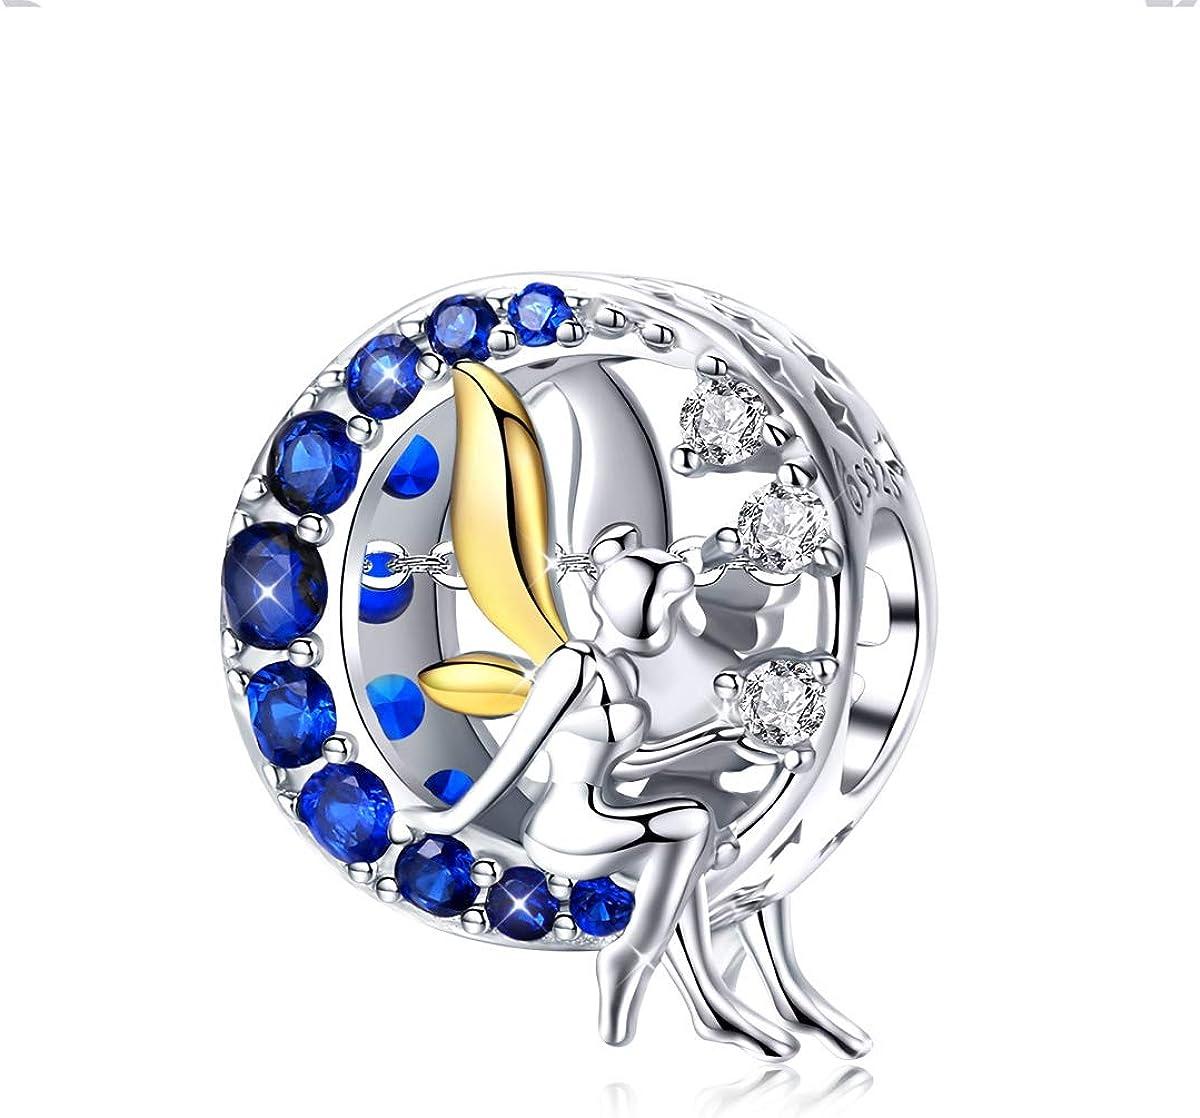 Abalorio de ángel de plata de ley 925 con diseño de luna azul y lunar, con circonita cúbica, compatible con pulseras europeas Pandora